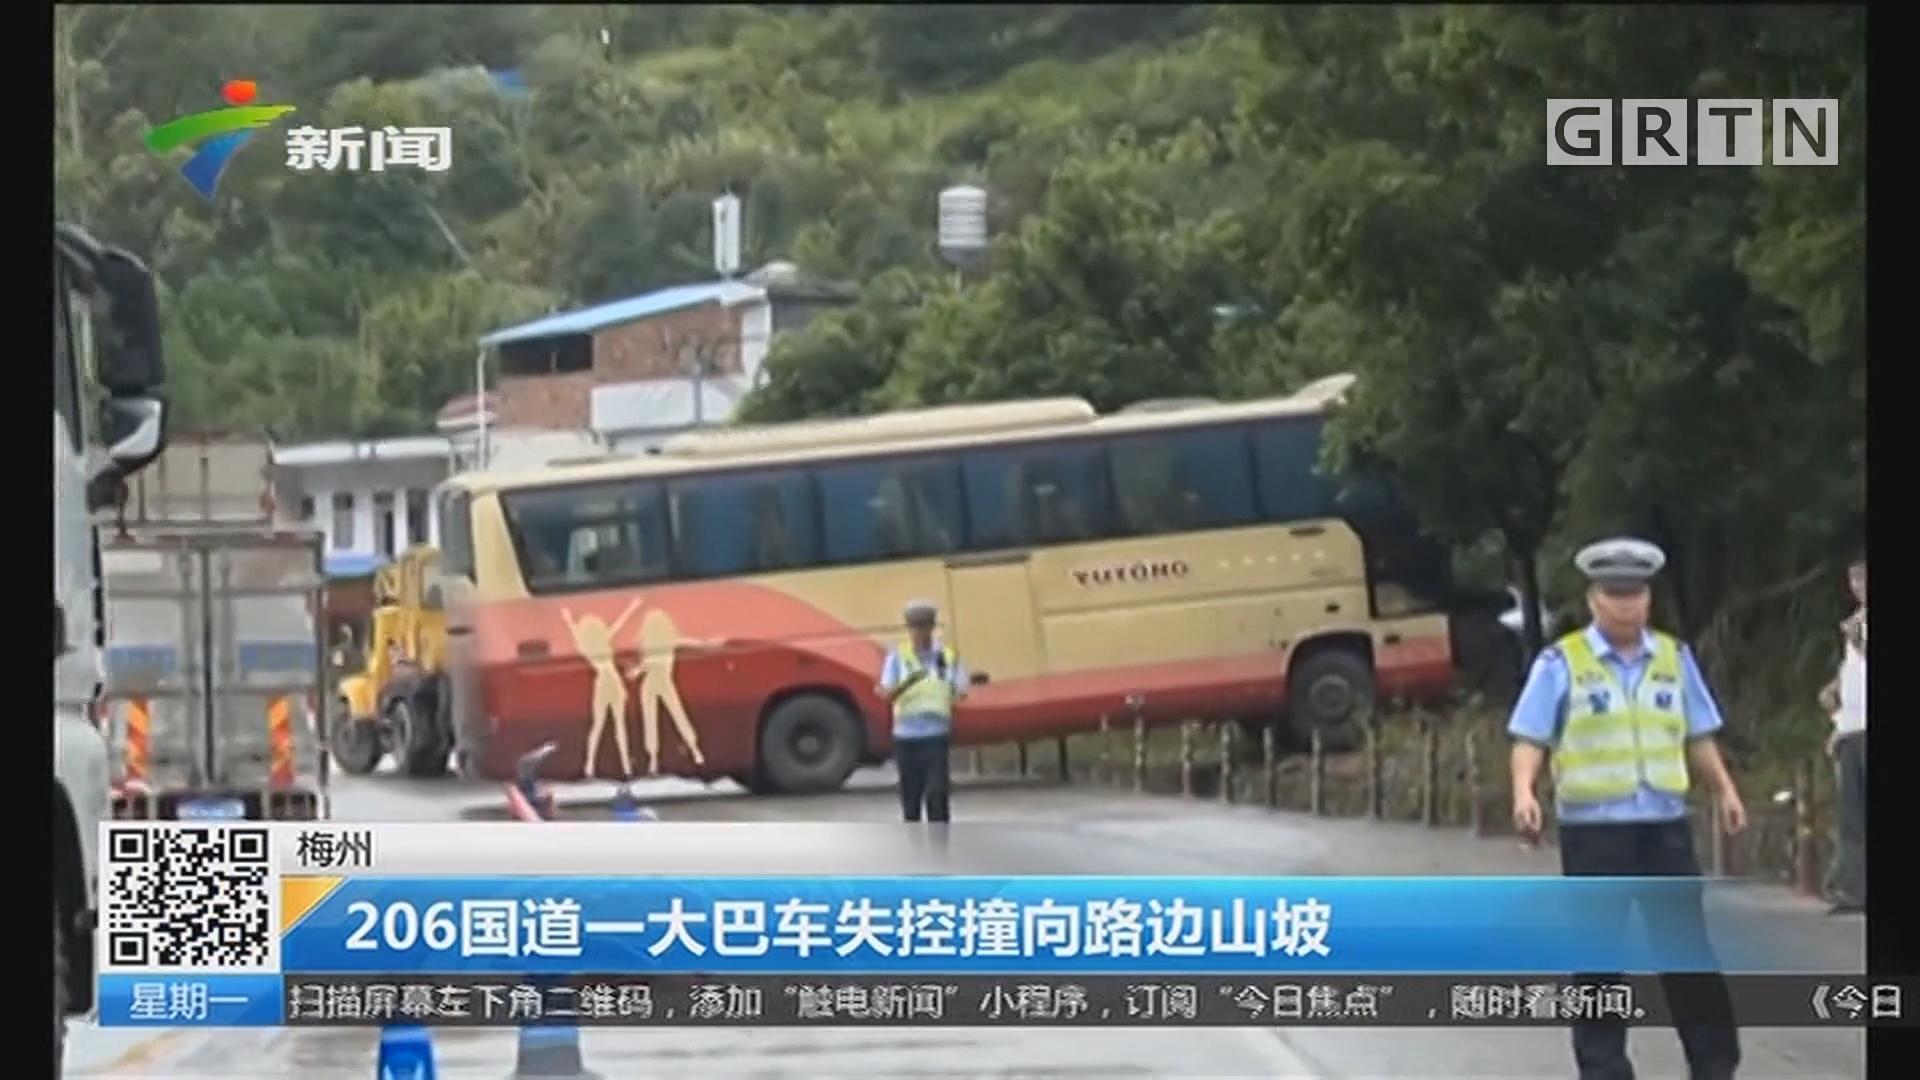 梅州:206国道一大巴车失控撞向路边山坡